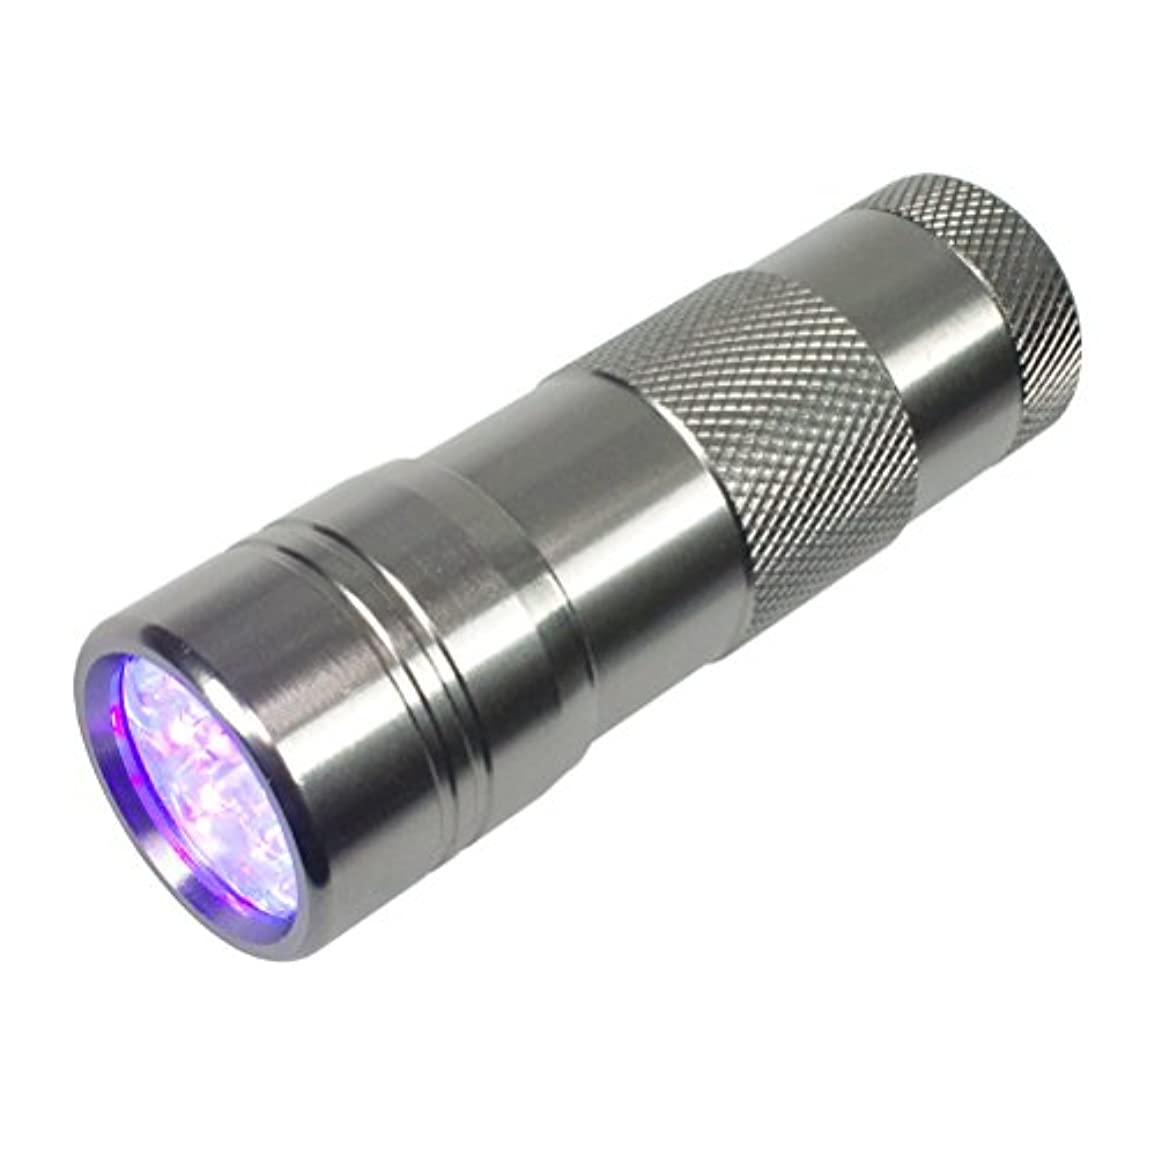 無お酒評価ジェルネイル用UVライト ペン型LEDライト ミニサイズ 携帯用ハンディライト 超高速硬化 ジェルネイル用